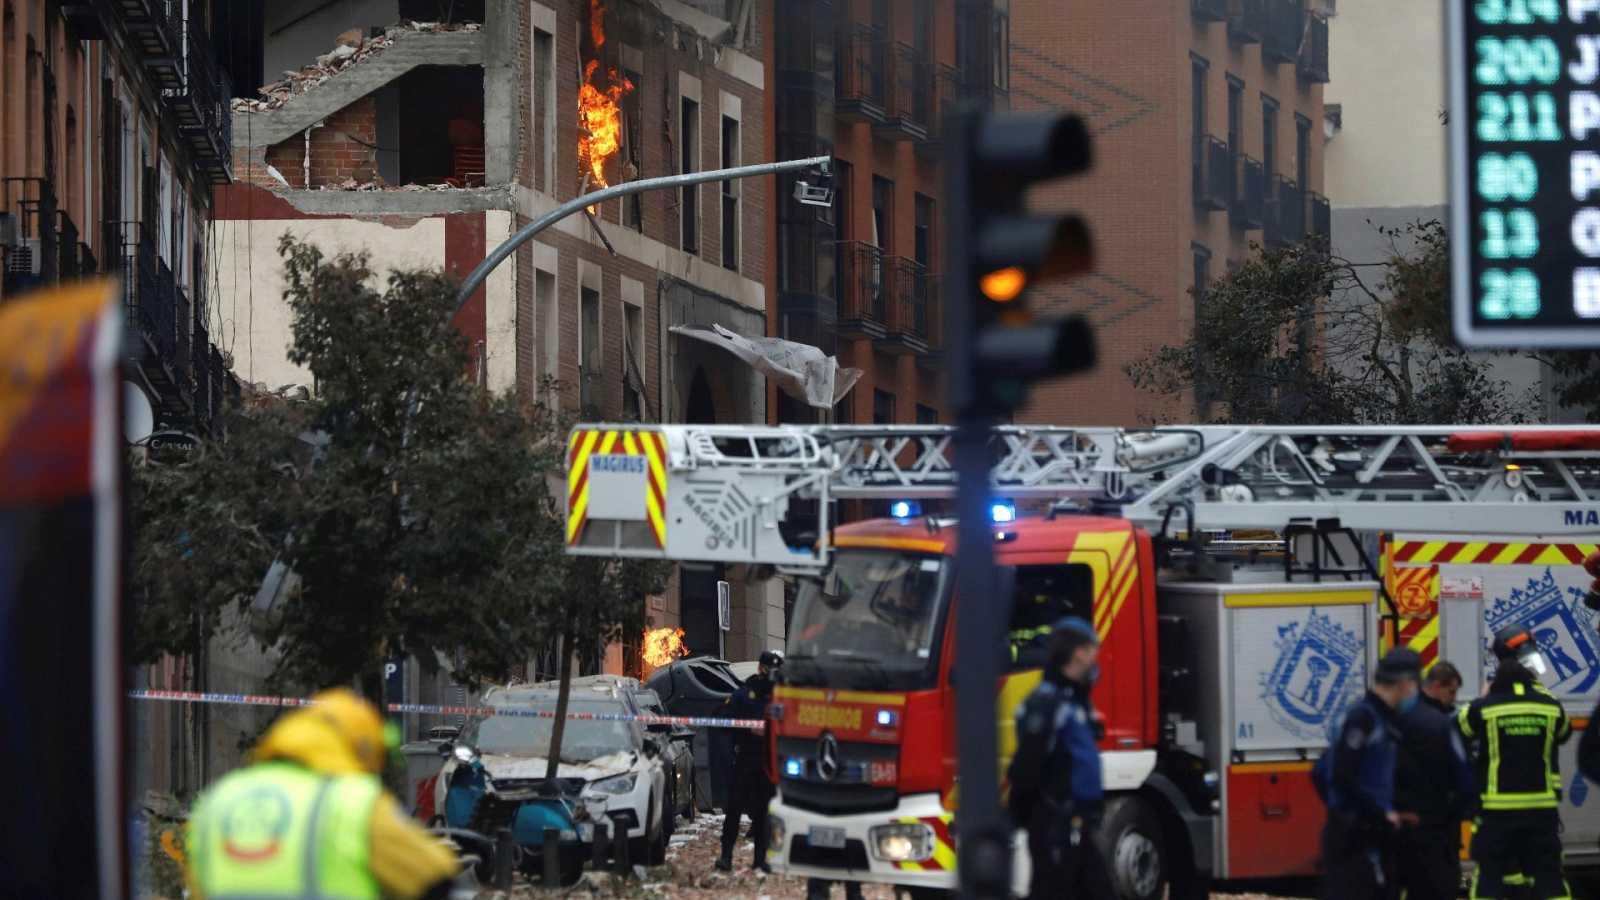 Bomberos y técnicos acceden al edificio que explotó en Madrid para reanudar tareas de desescombro